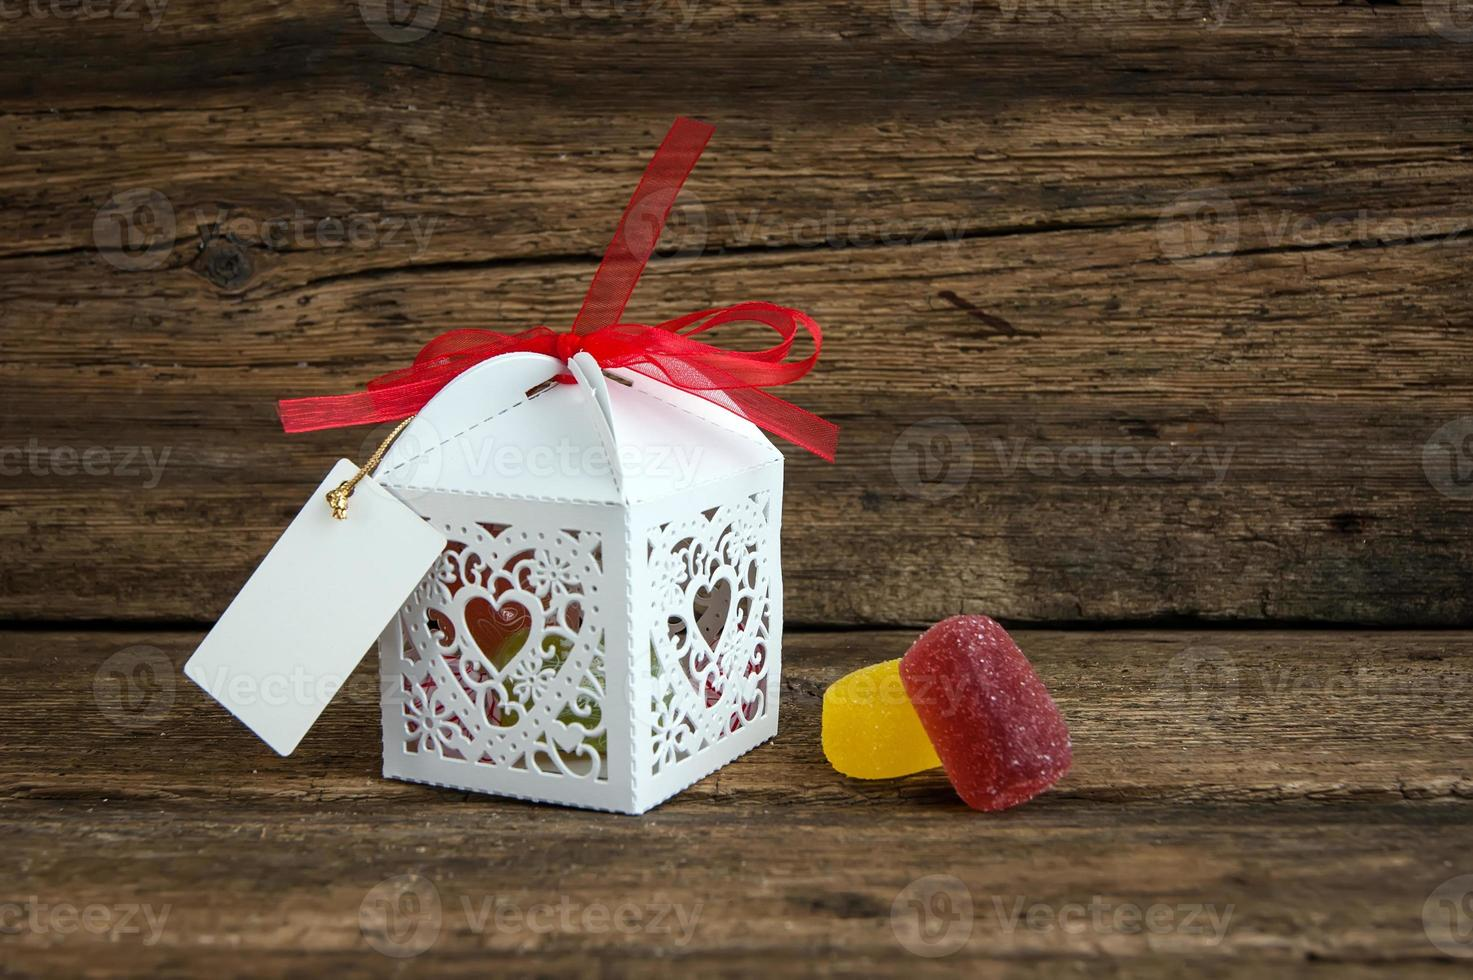 caixa de presente com chocolates em fundo de madeira foto